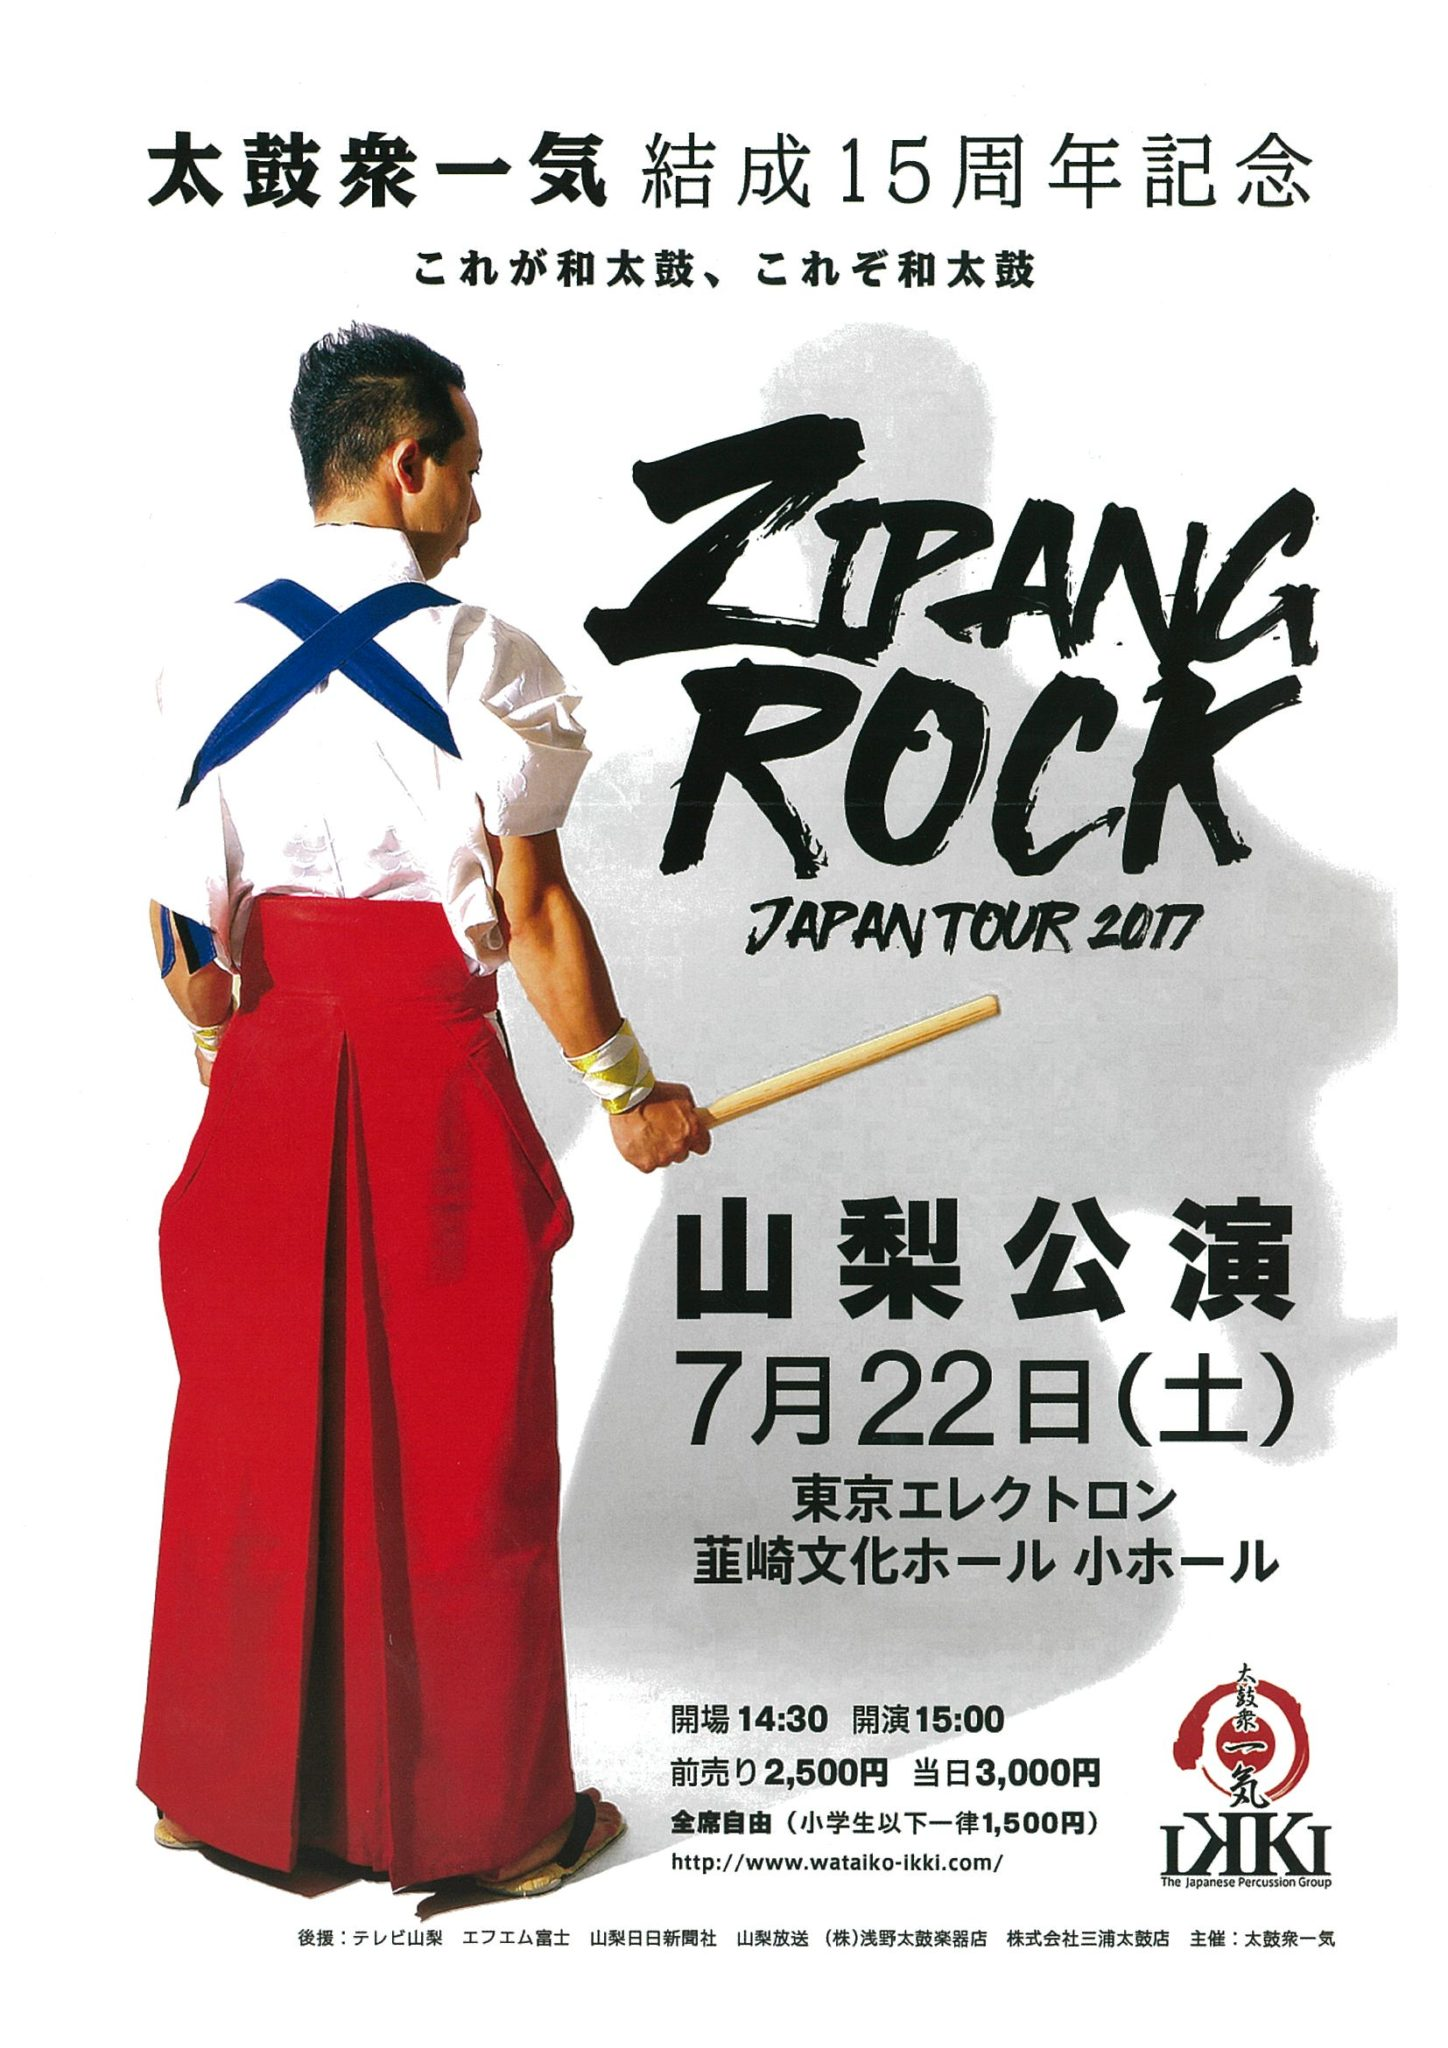 ZIPANG ROCK JAPAN TOUR 2017山梨公演